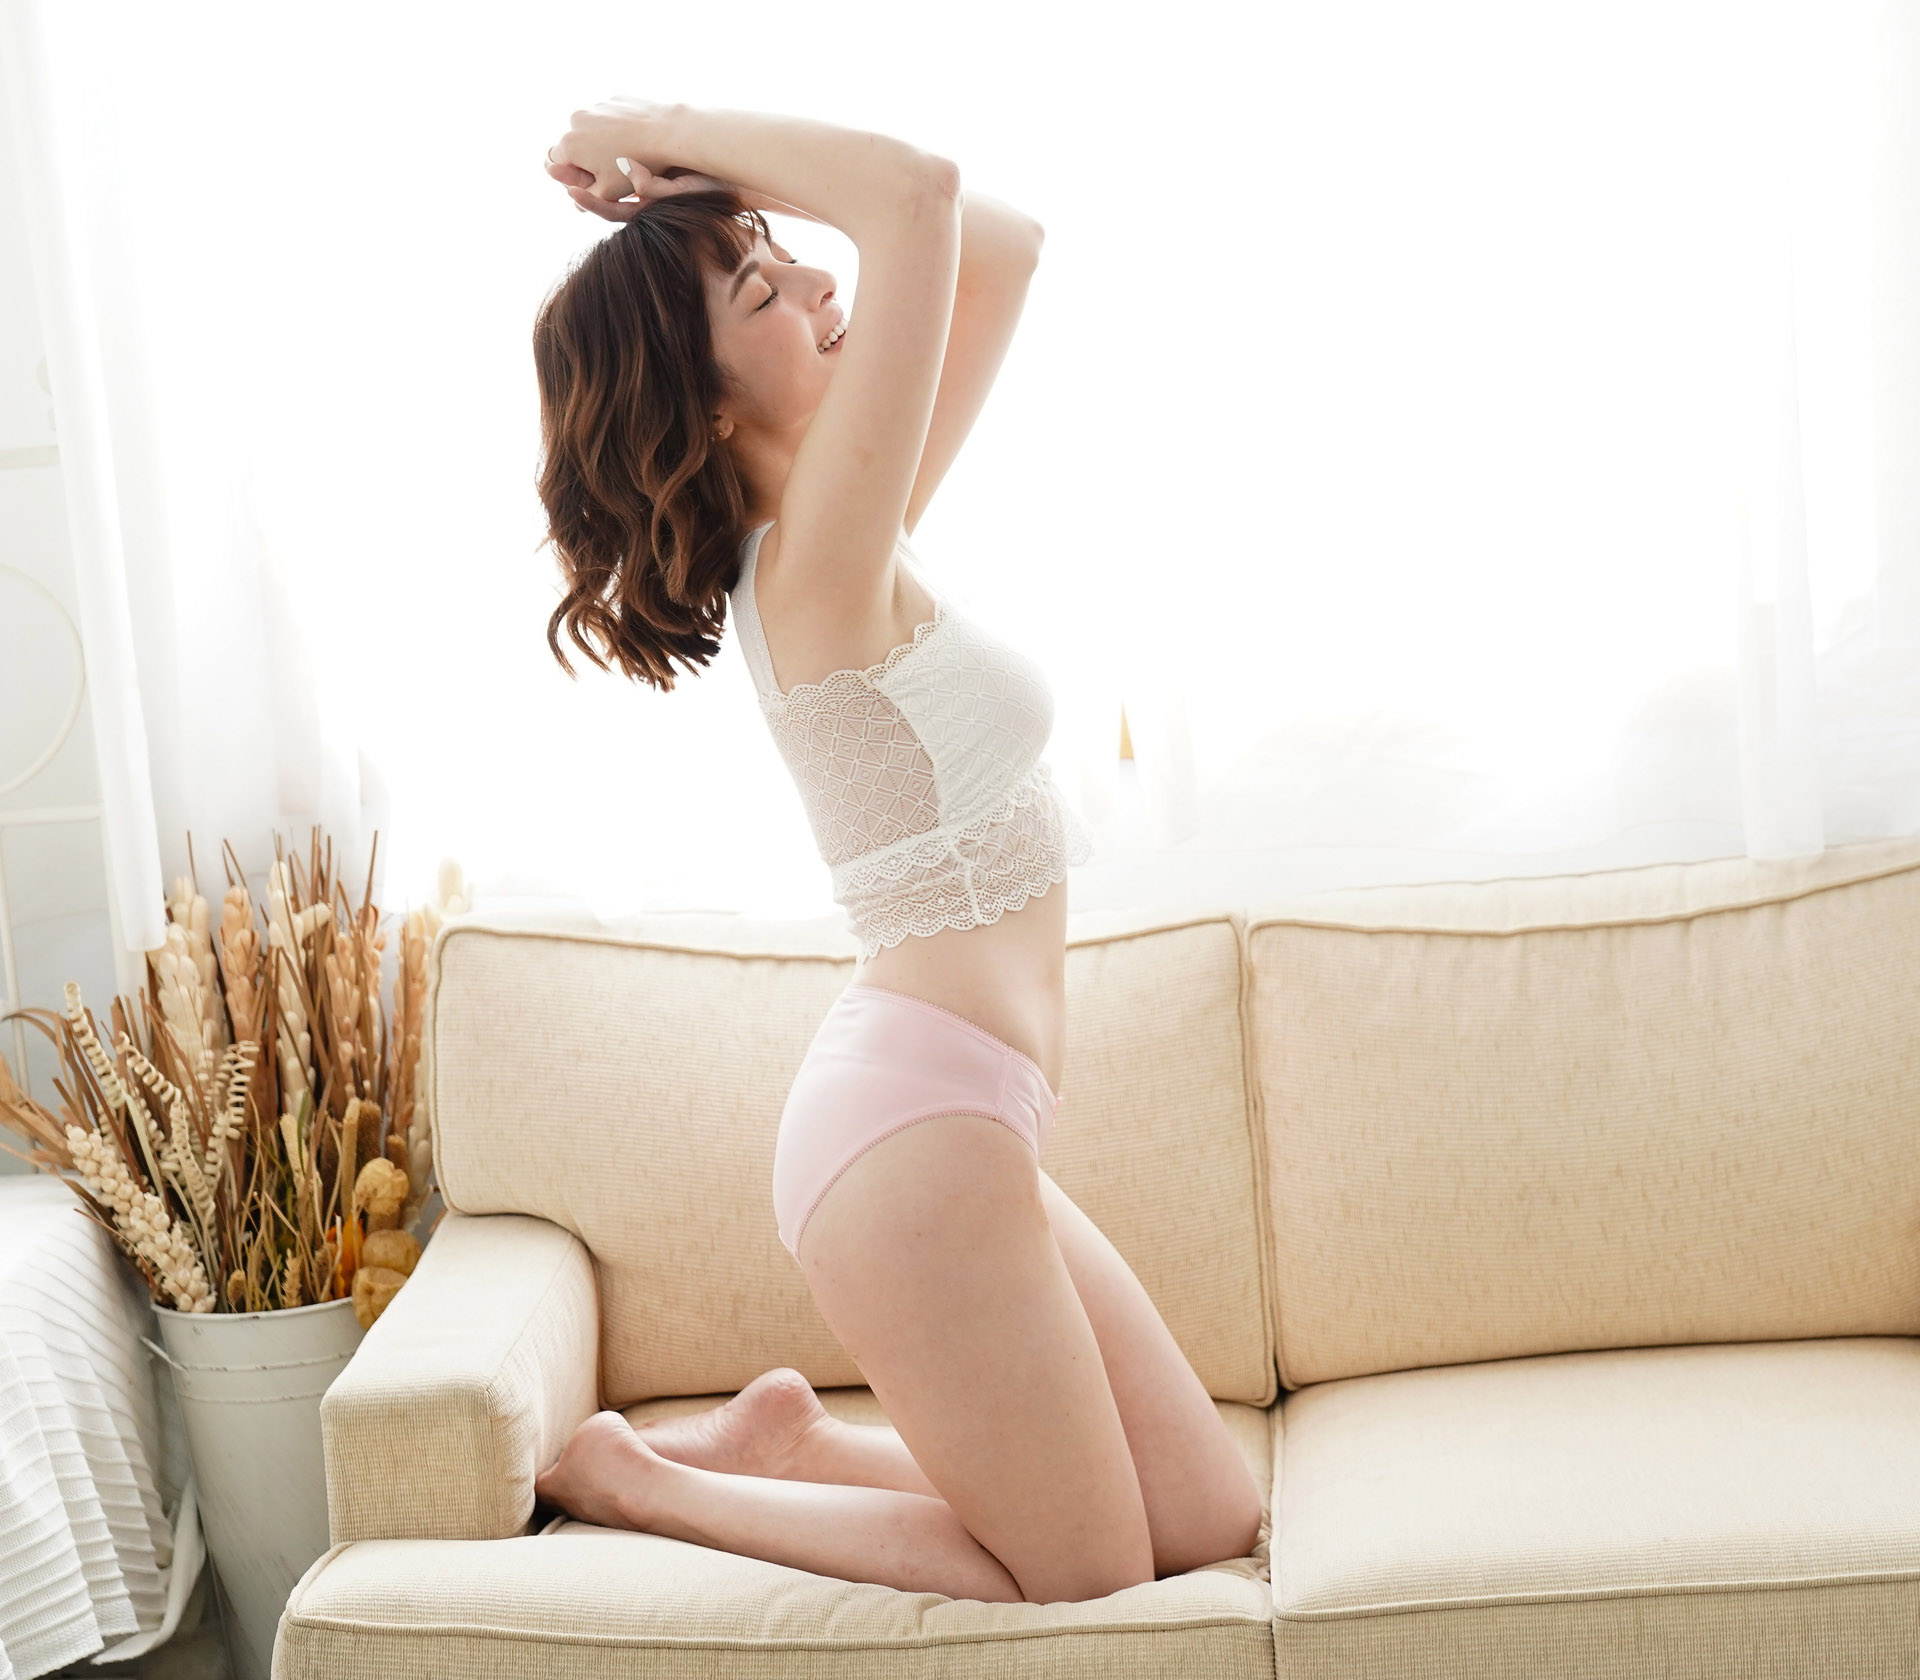 闕蘭絹32針超涼春蠶100%蠶絲內褲-88112-1(粉)